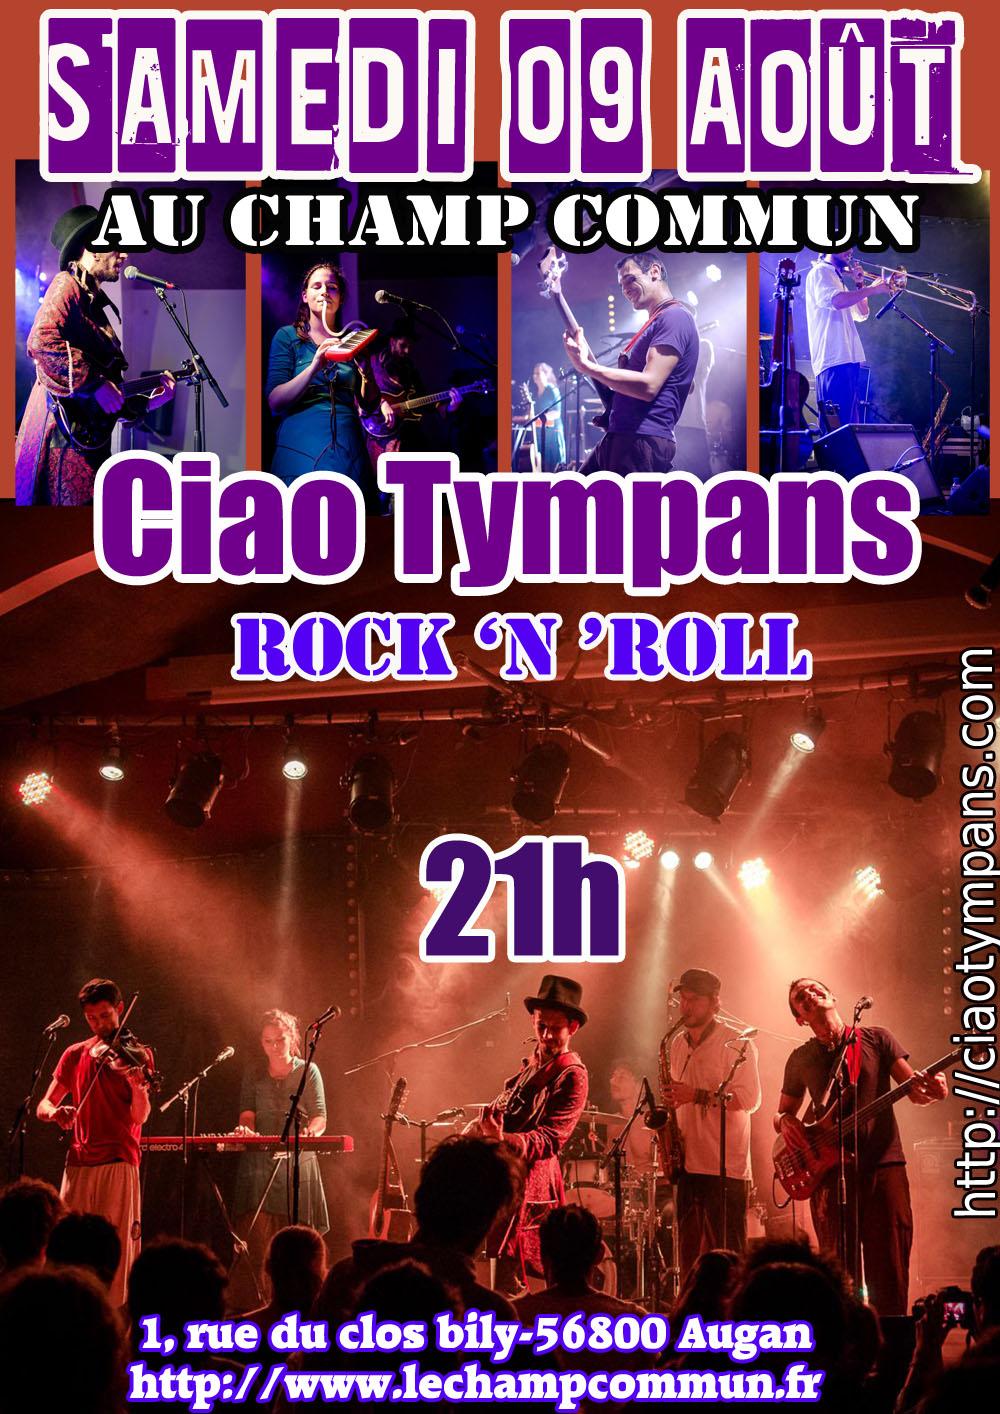 Samedi 09 Août à 21h au Champ Commun- Ska rock avec Ciao Tympans